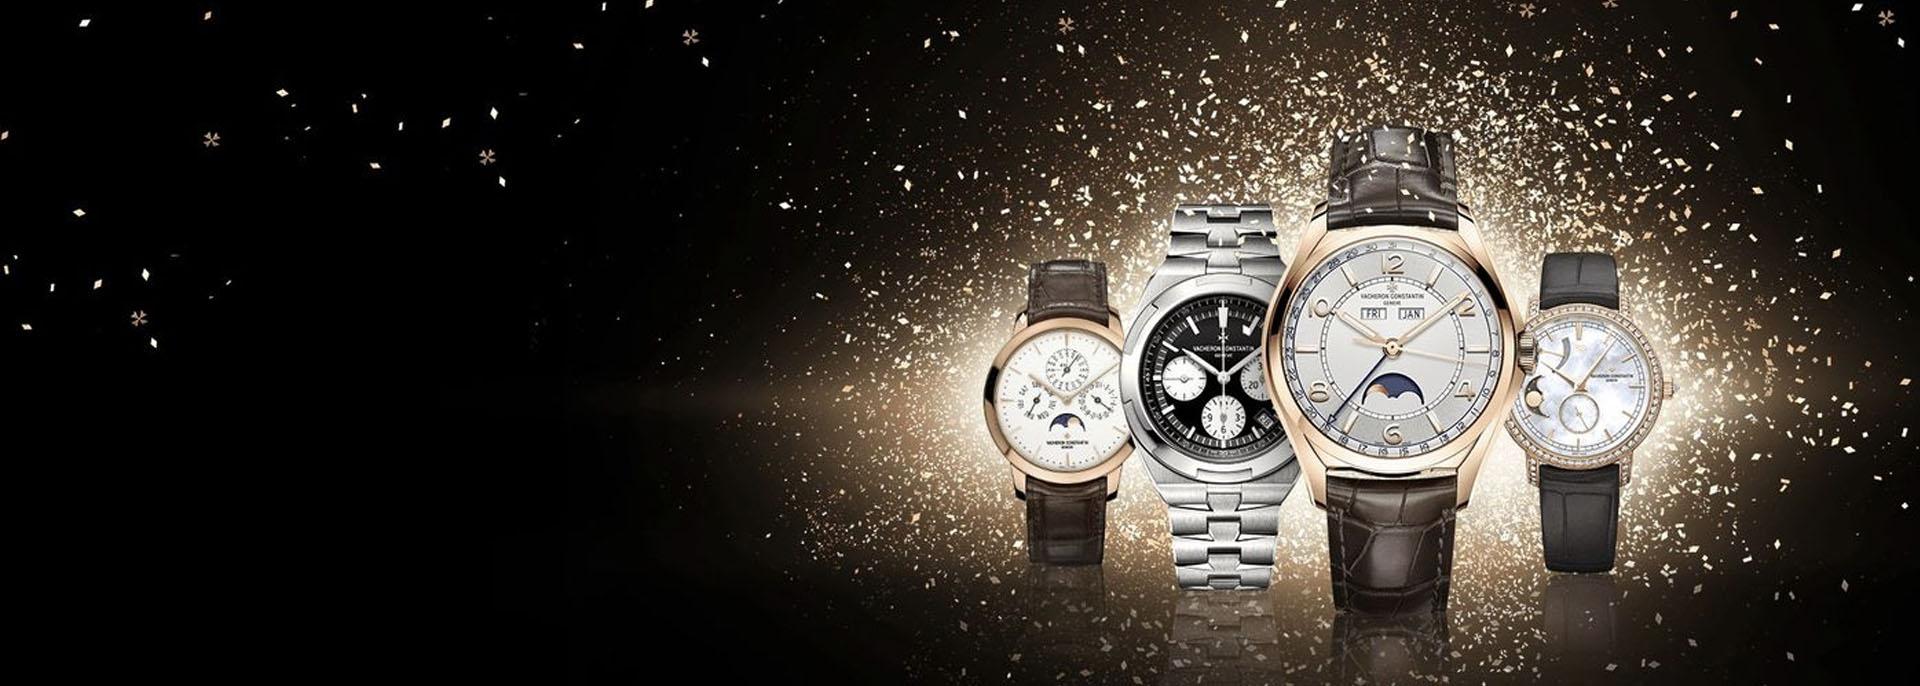 Часовой ломбард Киева - оценка и выкуп оригинальных часов